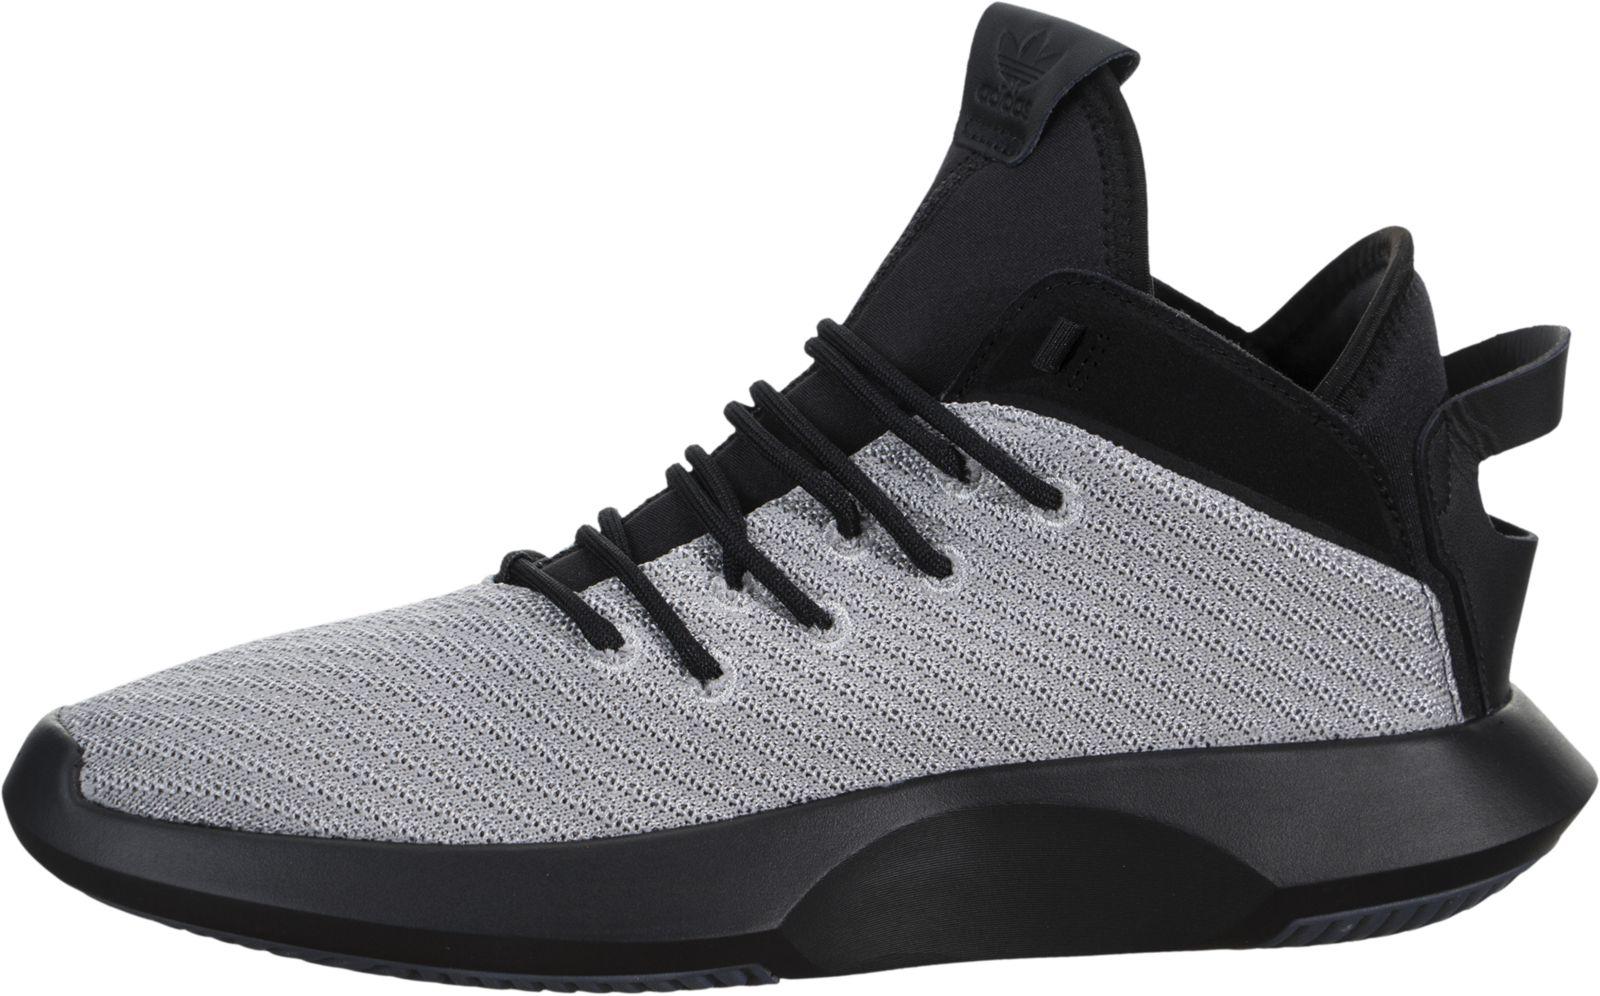 Adidas pazzo 1 avanzata primeknit argento metallico di colore nero / core core